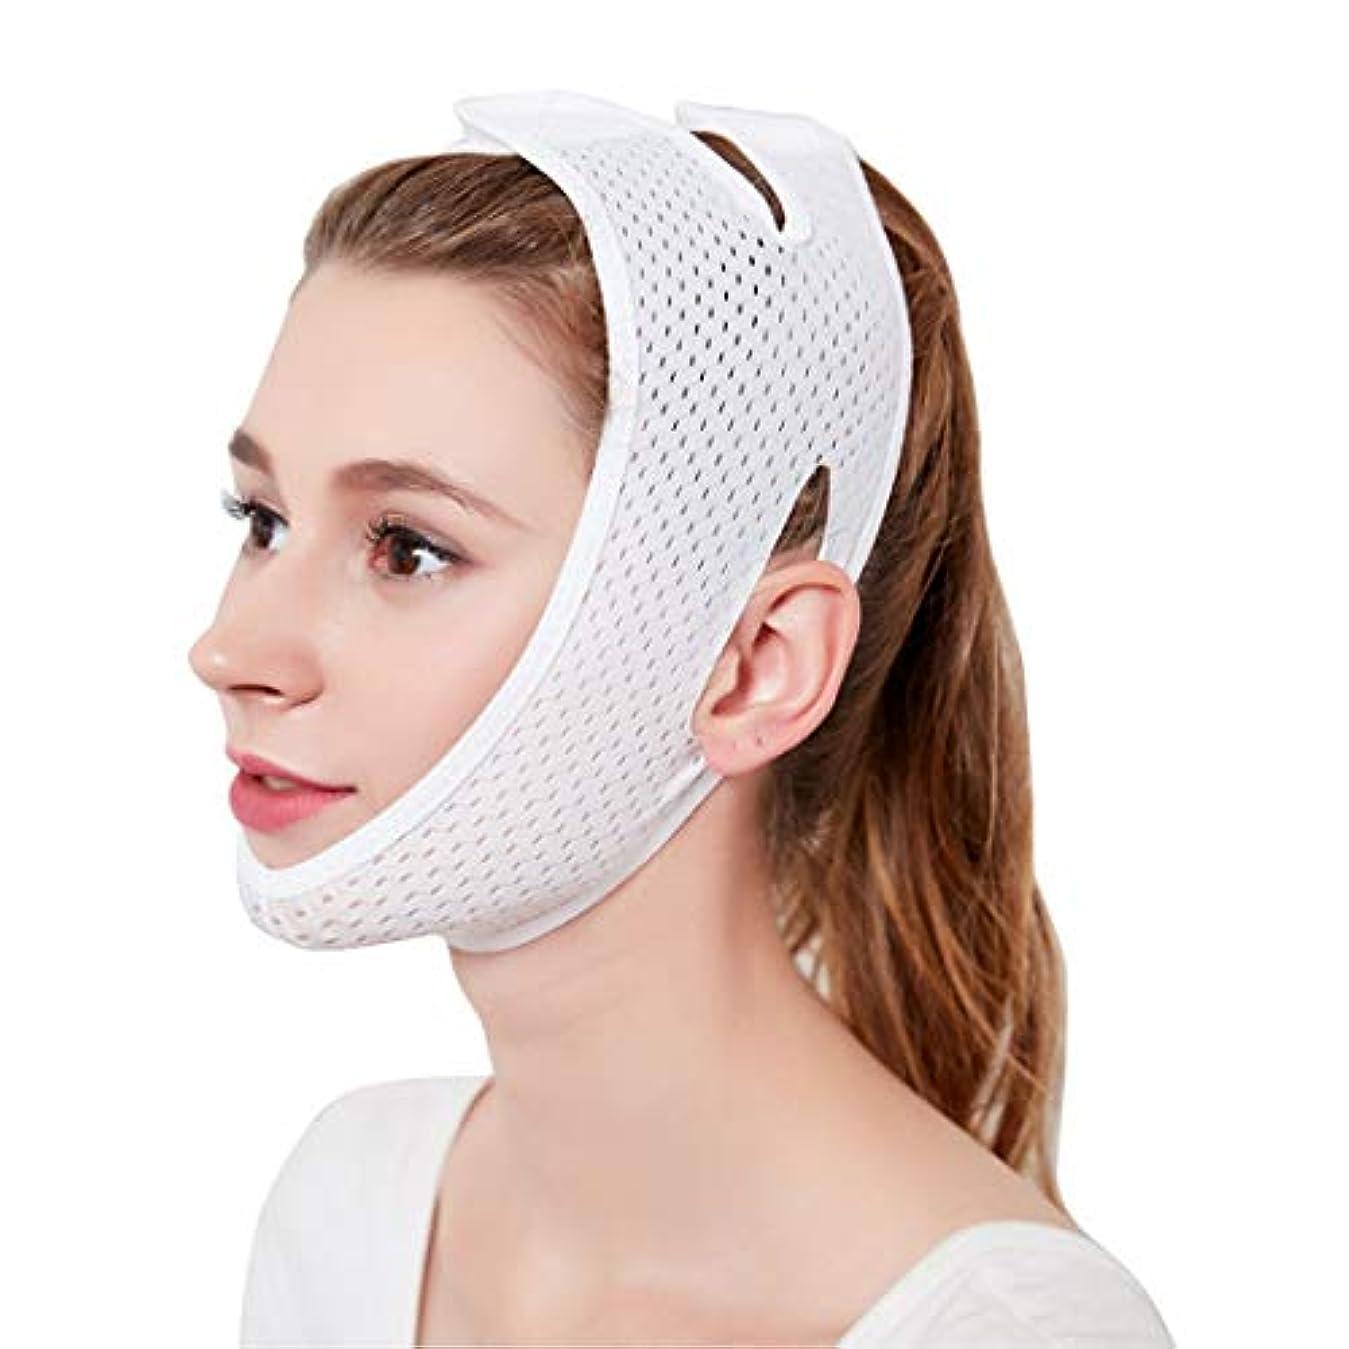 突然の早くコカインZWBD フェイスマスク, 薄い顔包帯v顔の薄い咬筋の筋肉通気性の薄い顔咬筋の筋肉Vフェイスマスクダブルあごリフトあご